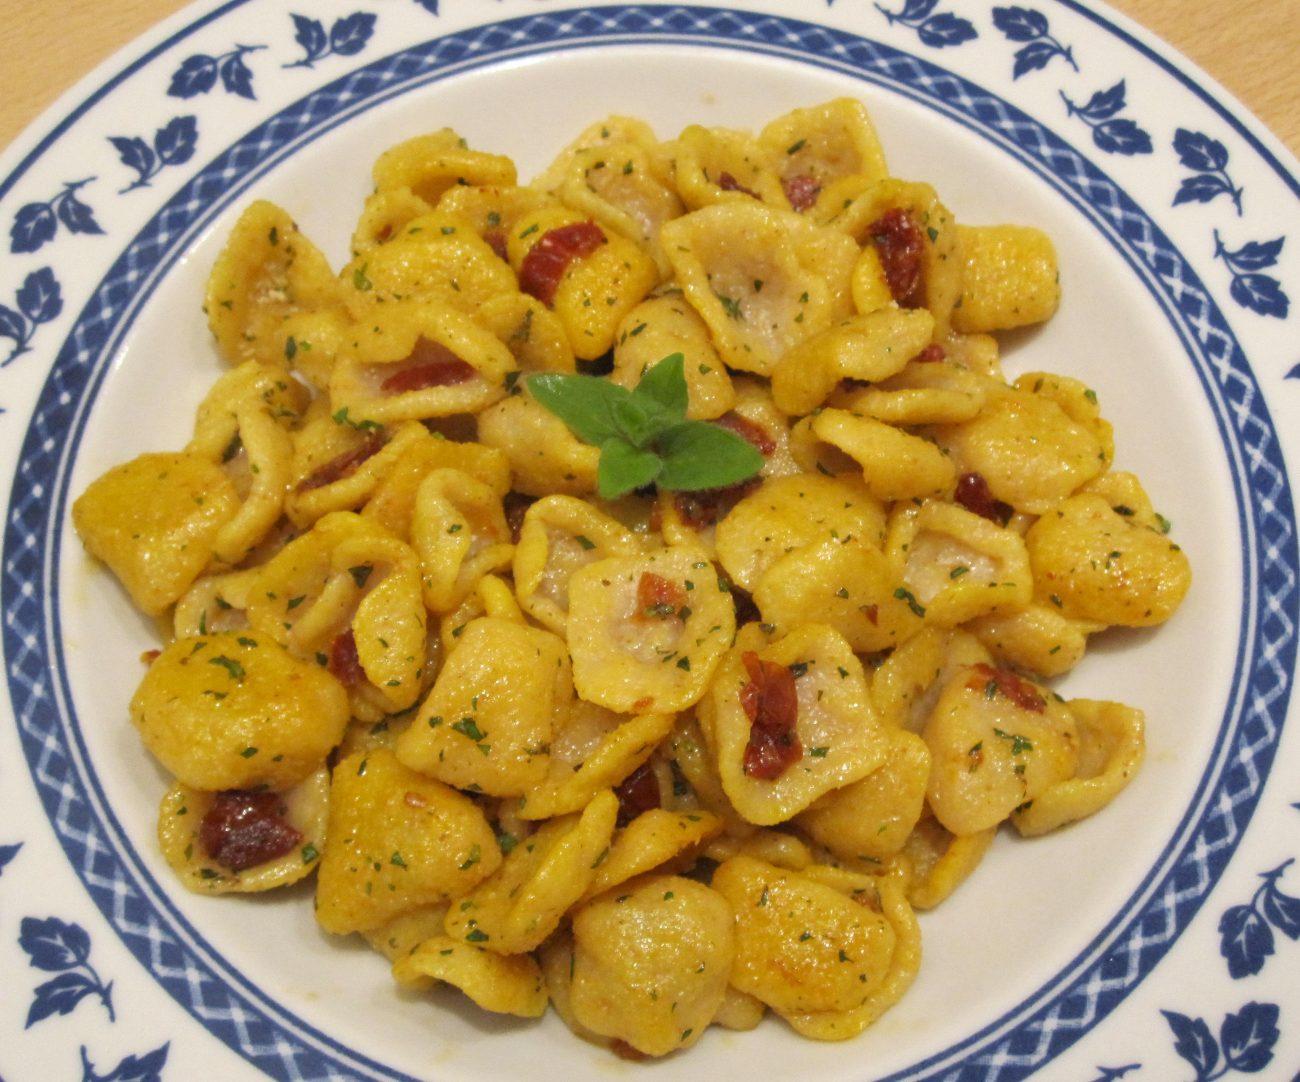 Orecchiette fatte in casa con aglio, olio, pomodori e zafferano